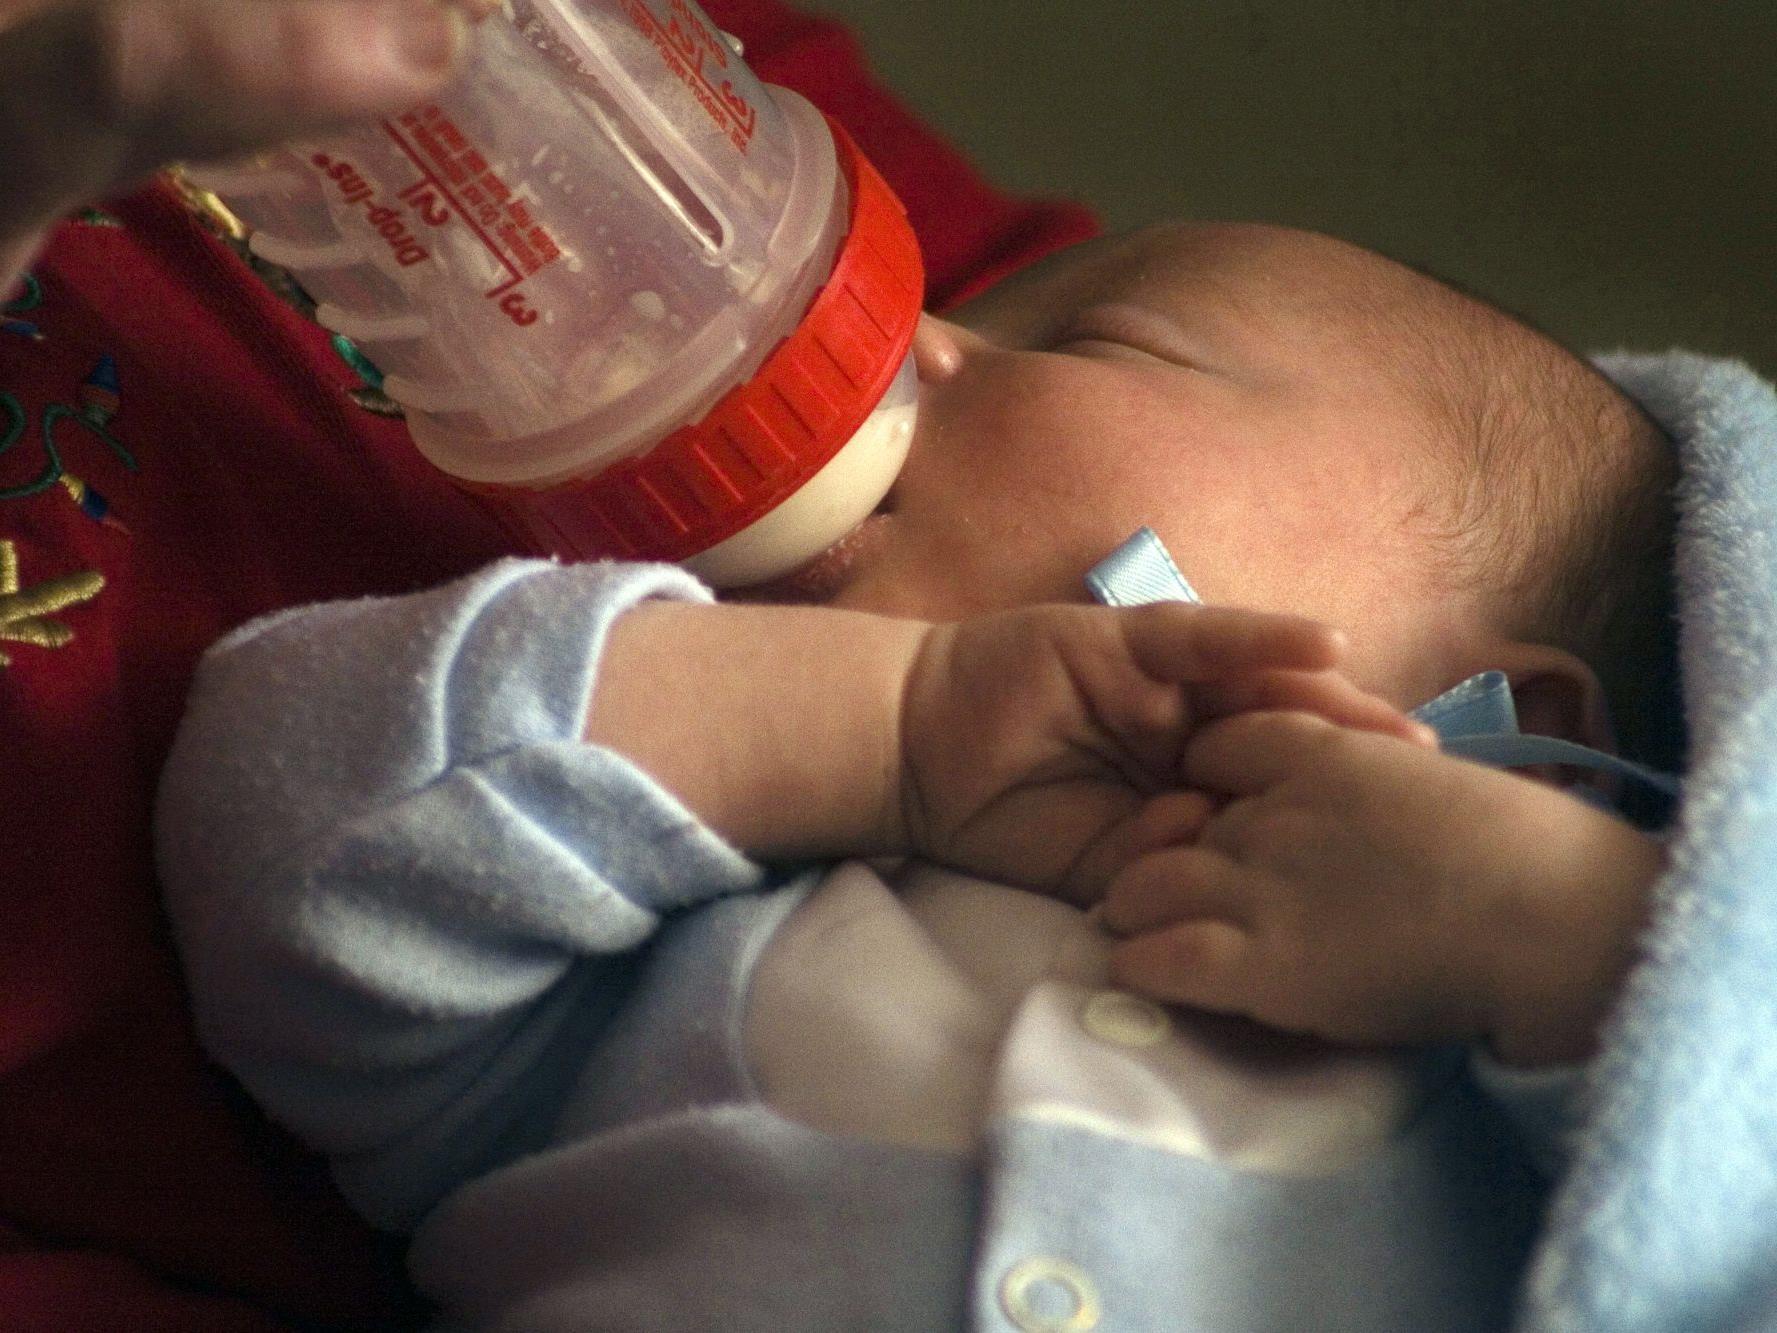 Babyfläschchen im Test: Alle Produkte BPA-frei, aber weitere krebsverdächtige Chemikalie gefunden.